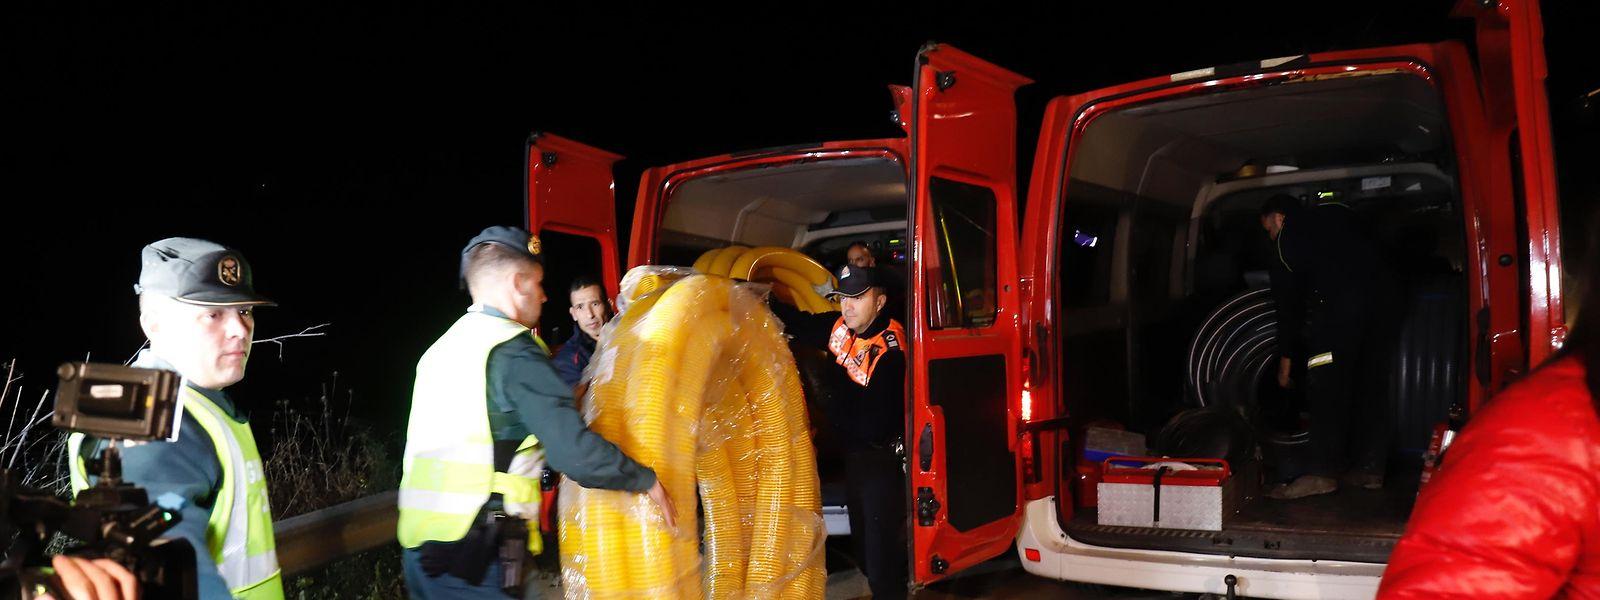 An der Suche beteiligten sich gut hundert Angehörige der Feuerwehr, der Polizei, des Zivilschutzes und anderer Notdienste.